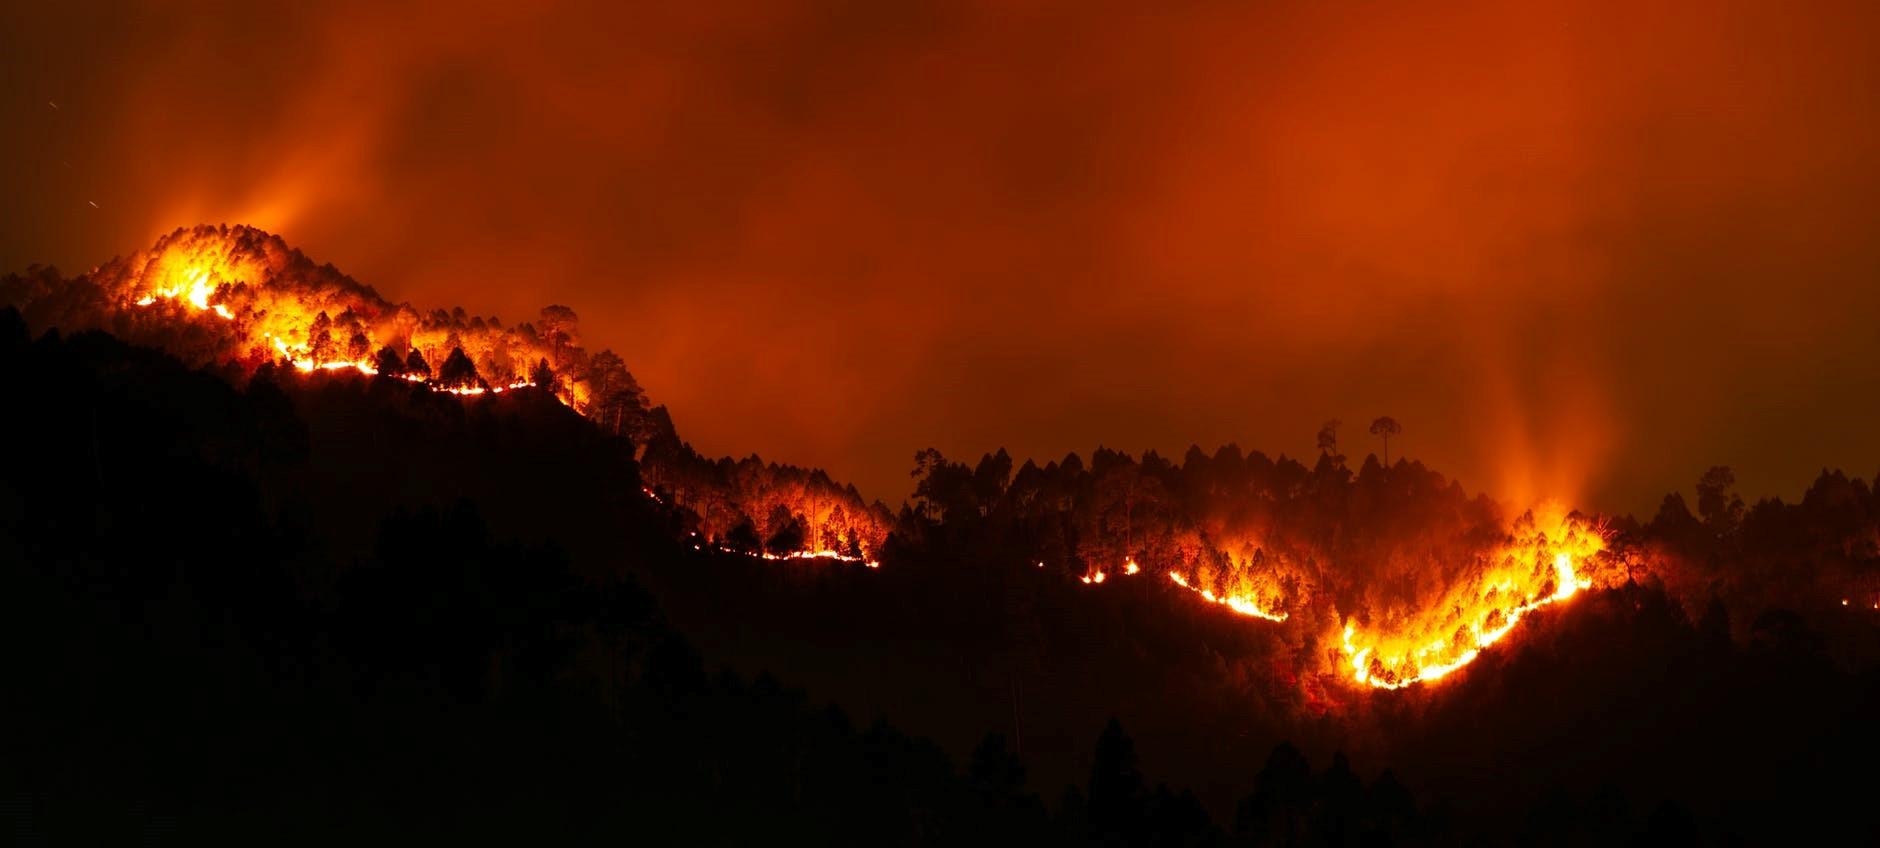 Scène d'un grand incendie de forêt de nuit